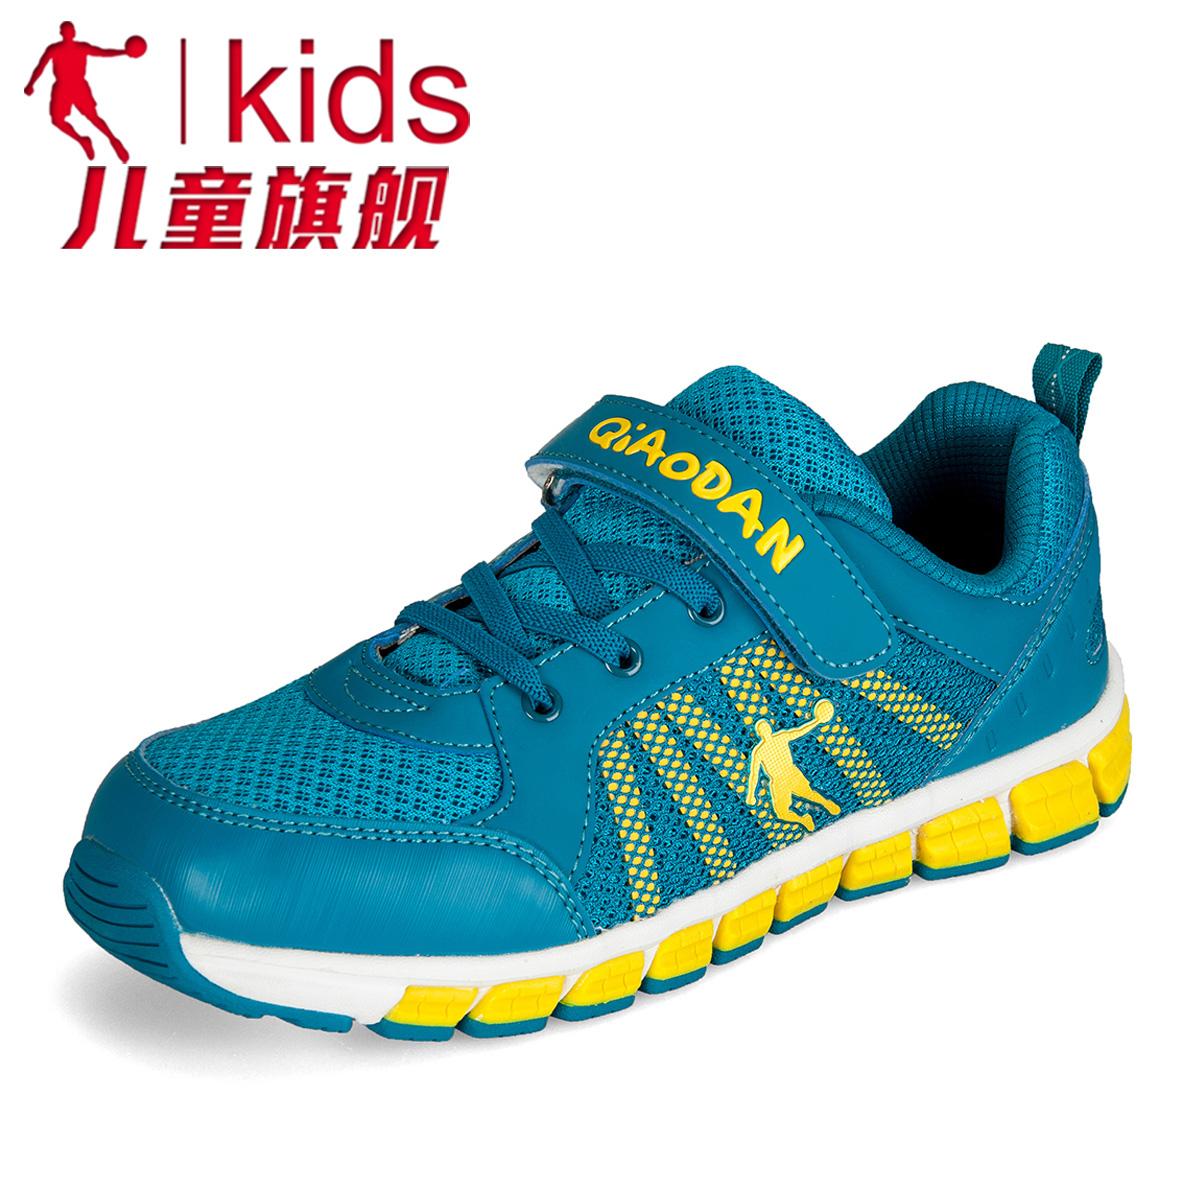 喬丹童鞋男童鞋中童網麵透氣輕便跑步鞋軟底防滑耐磨 鞋